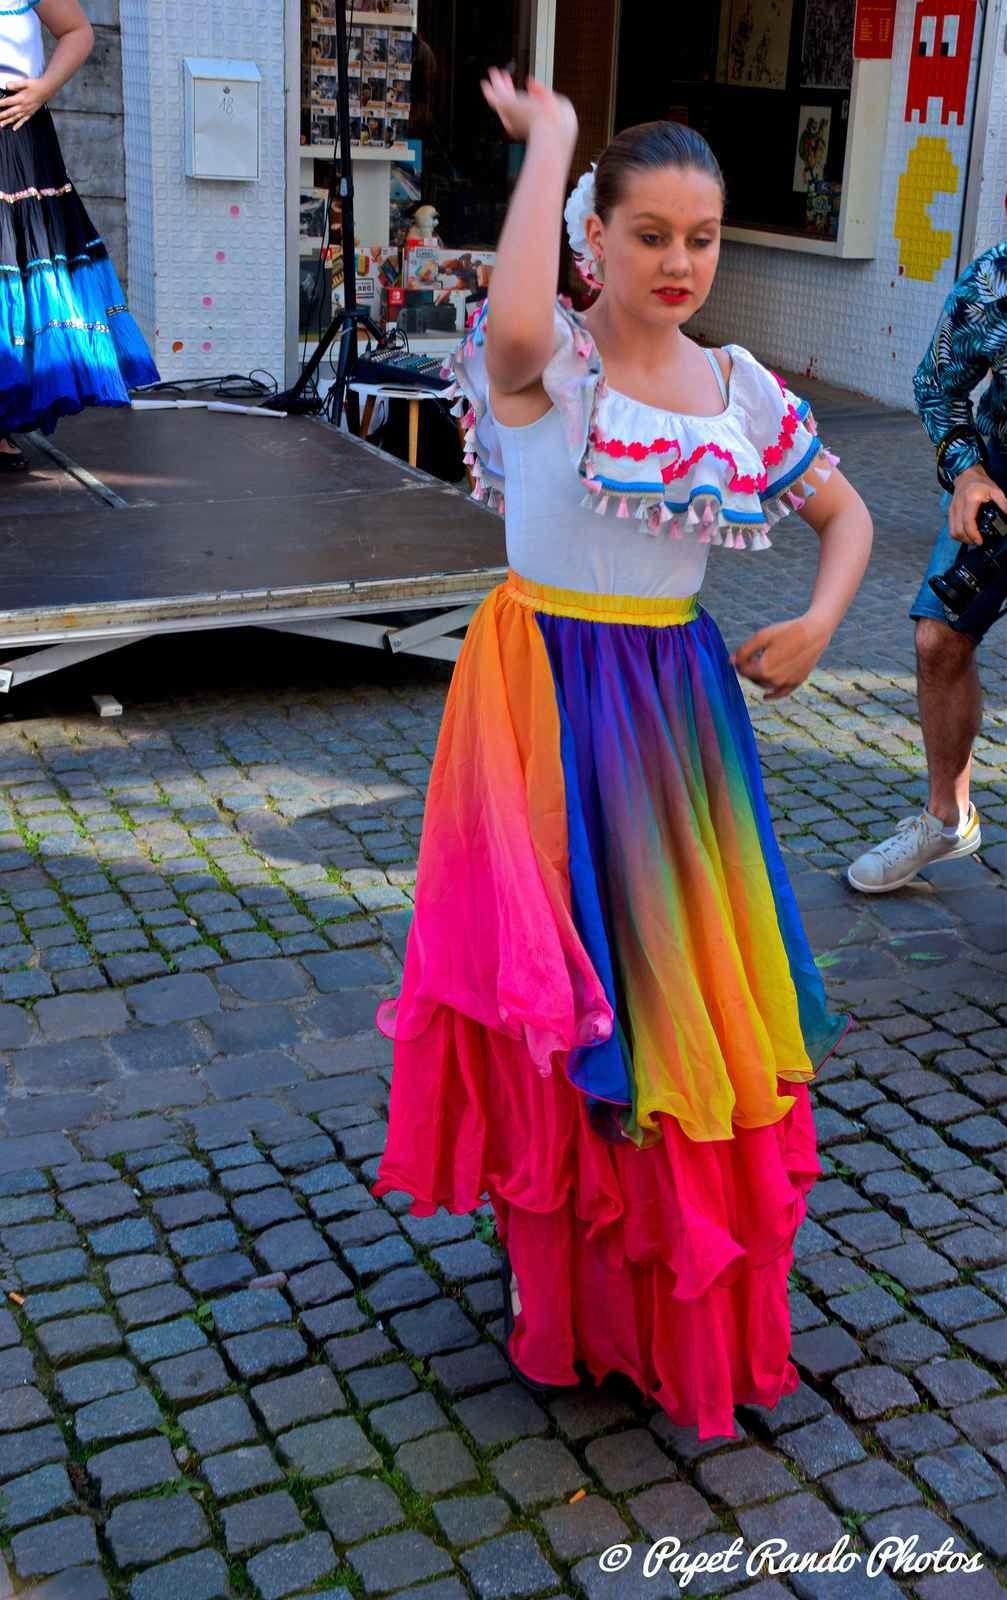 MONS  autour du Monde, danses de tout pays, plus de 5 podiums dans le centre de Mons, premiere partie avec le Flamenco & le groupe Duende de Flamenco de La Louviere , groupe que je connais depuis plus de quatre ans, bravo a Magdalena & son groupe qui donne envie de connaitre l'Andalouisie (  passé une semaine merveilleuse fin aout sur la Vuelta 2017)